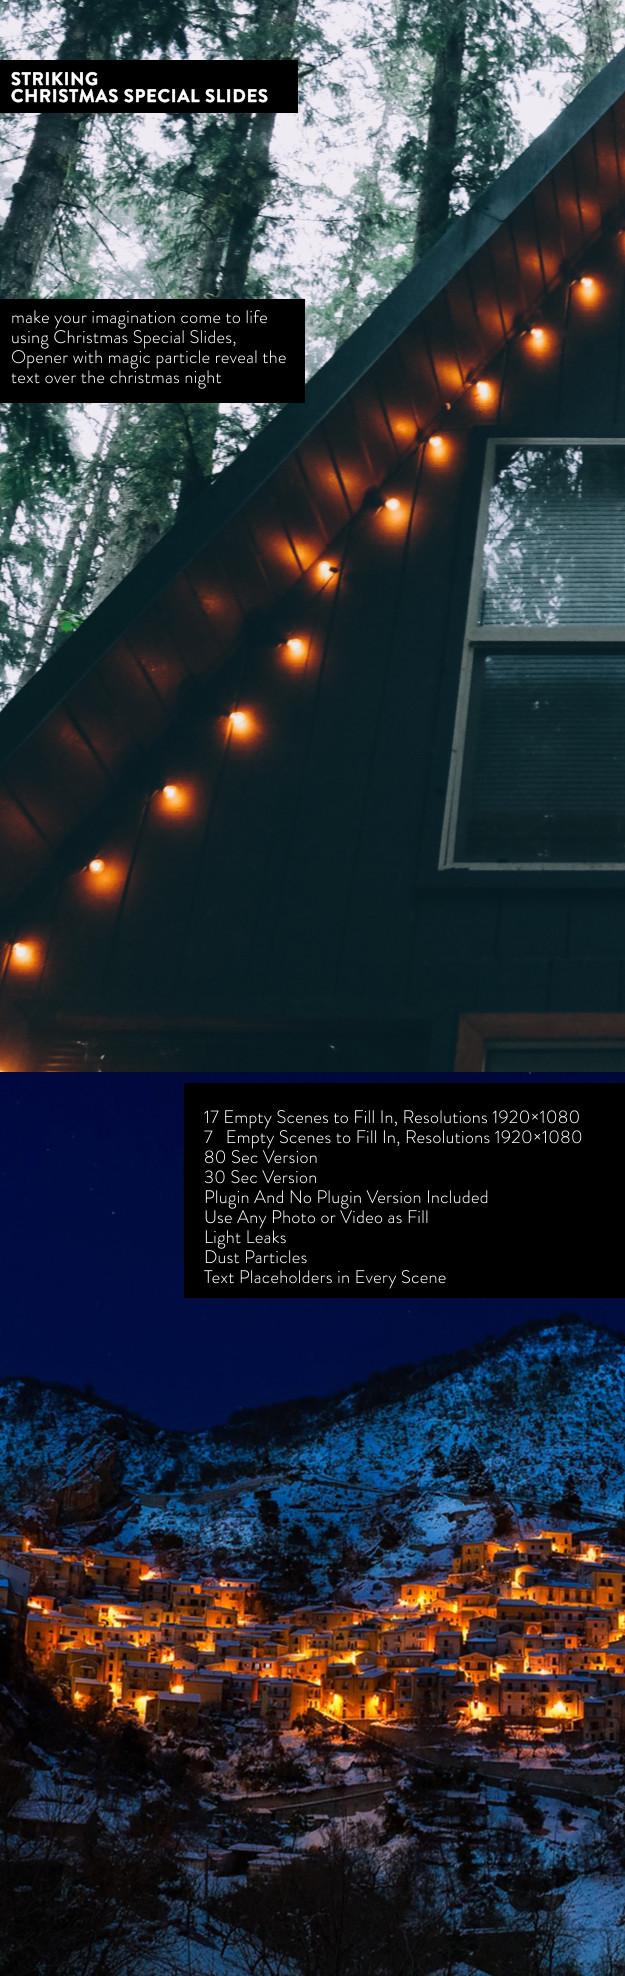 Christmas Special Slideshow - 3